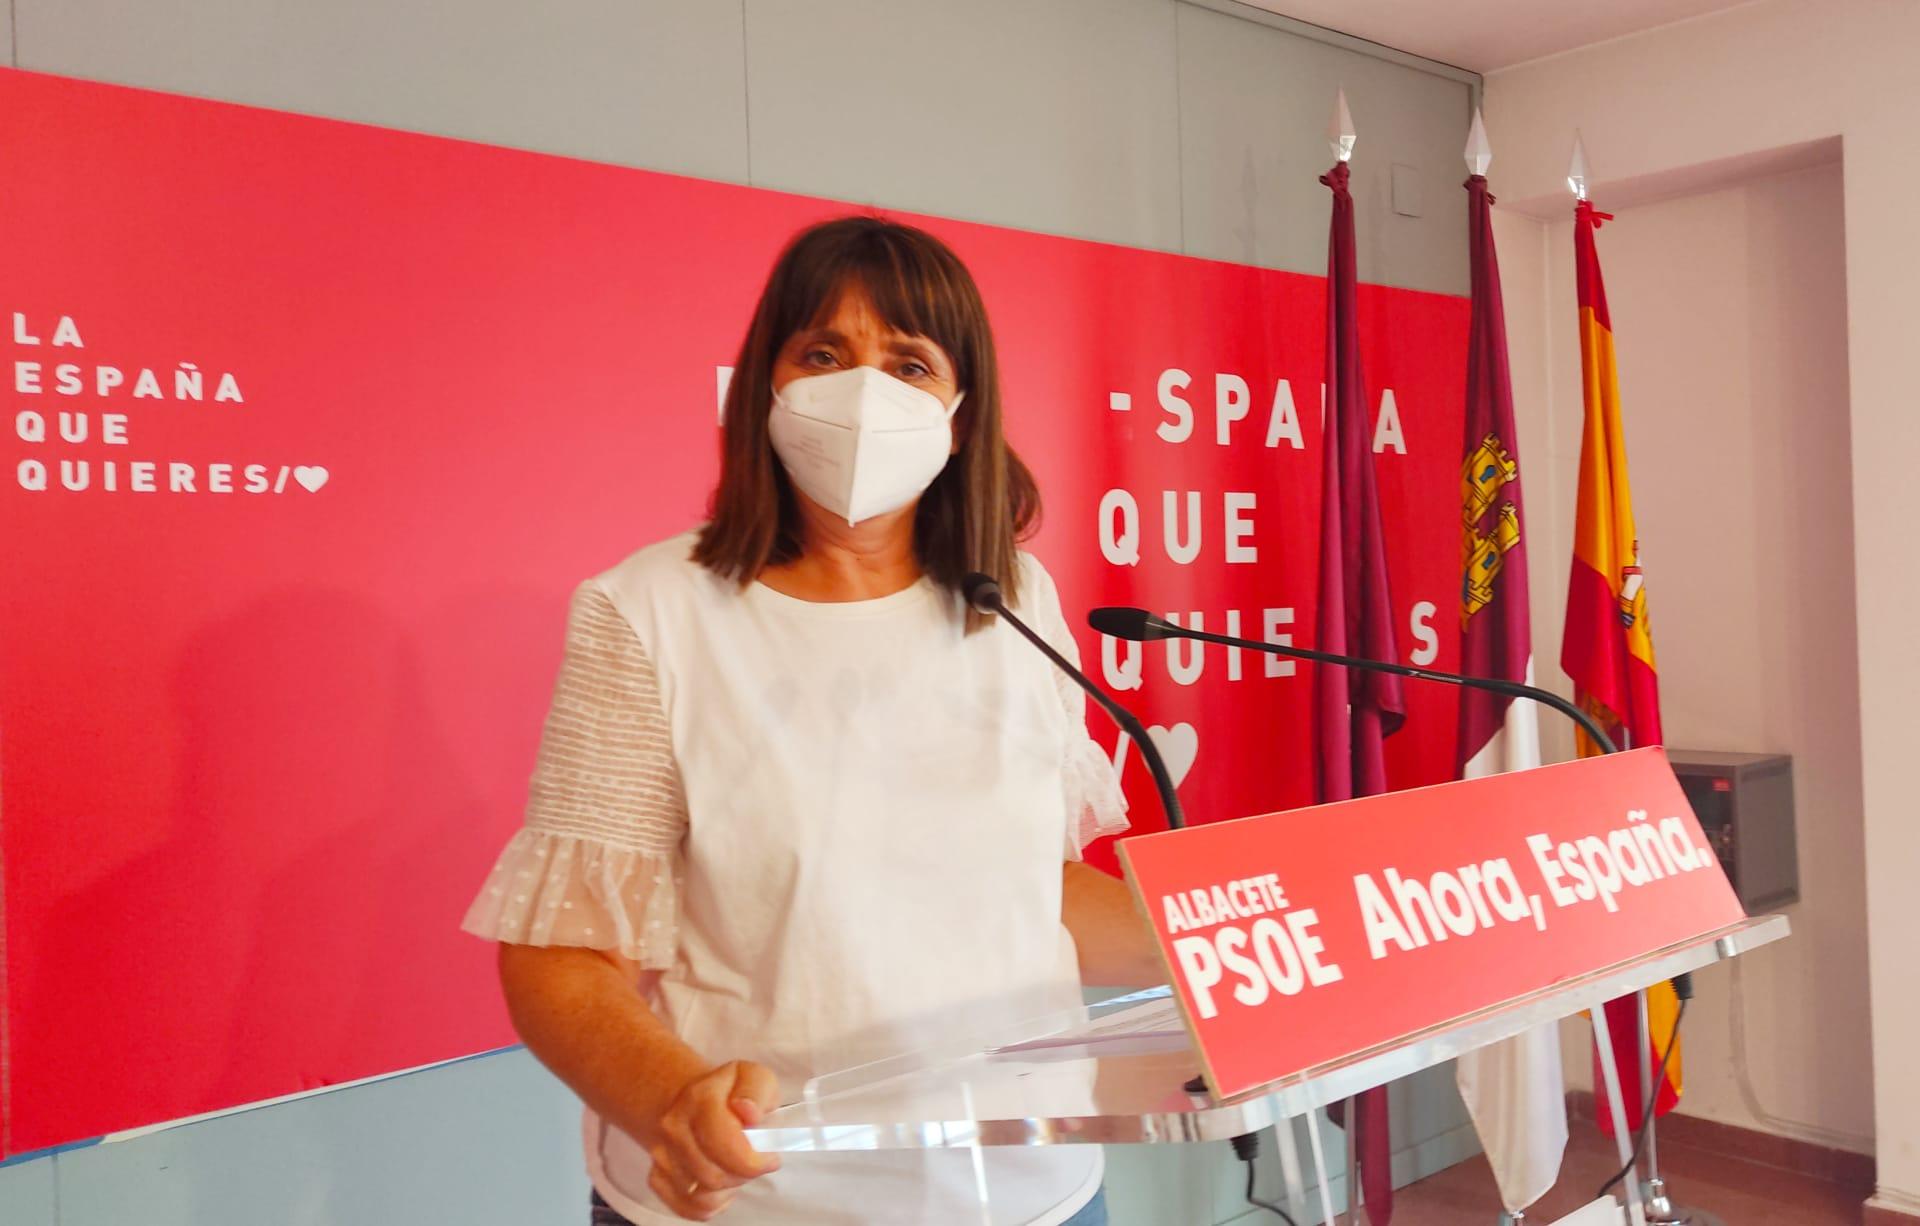 El PSOE de Albacete recuerda que ya se pueden solicitar las becas del Ministerio de Educación que en esta convocatoria llegarán a 850.000 estudiantes